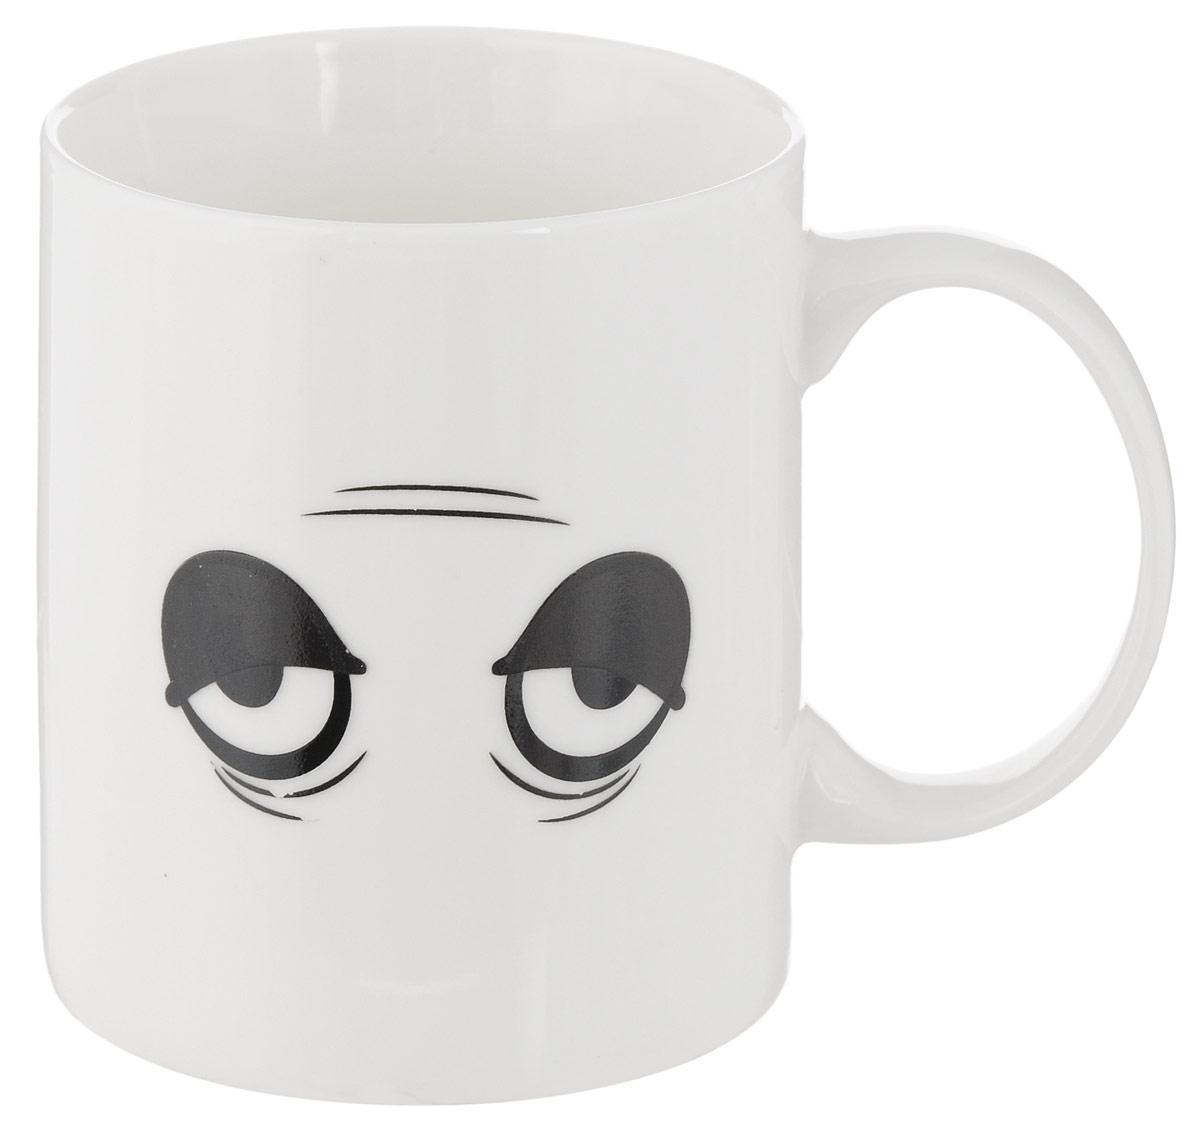 Кружка-хамелеон Bradex Бодрое утро, 350 мл391602Вам трудно просыпаться утром? Тело, казалось бы, встает, но вот сознание все равно остается в сладких снах? Вернуть бодрость тела и духа вам поможет горячий крепкий кофе или любимый чай, выпитый из забавной кружки-хамелеона Bradex Бодрое утро! Стоит только наполнить кружку горячим напитком, и забавная невыспавшаяся физиономия с мешками под глазами тут же превратится в глазки, полные энергии и энтузиазма. Прочная керамика прослужит вам не один год, а качественное напыление не сотрется даже от ежедневного мытья. Что уж говорить об улыбке, которую будет день за днем вызывать взбодрившаяся мордочка на кружке!Ранний подъем проходит легче с кружкой-хамелеоном Bradex Бодрое утро! Диаметр по верхнему краю: 8 см.